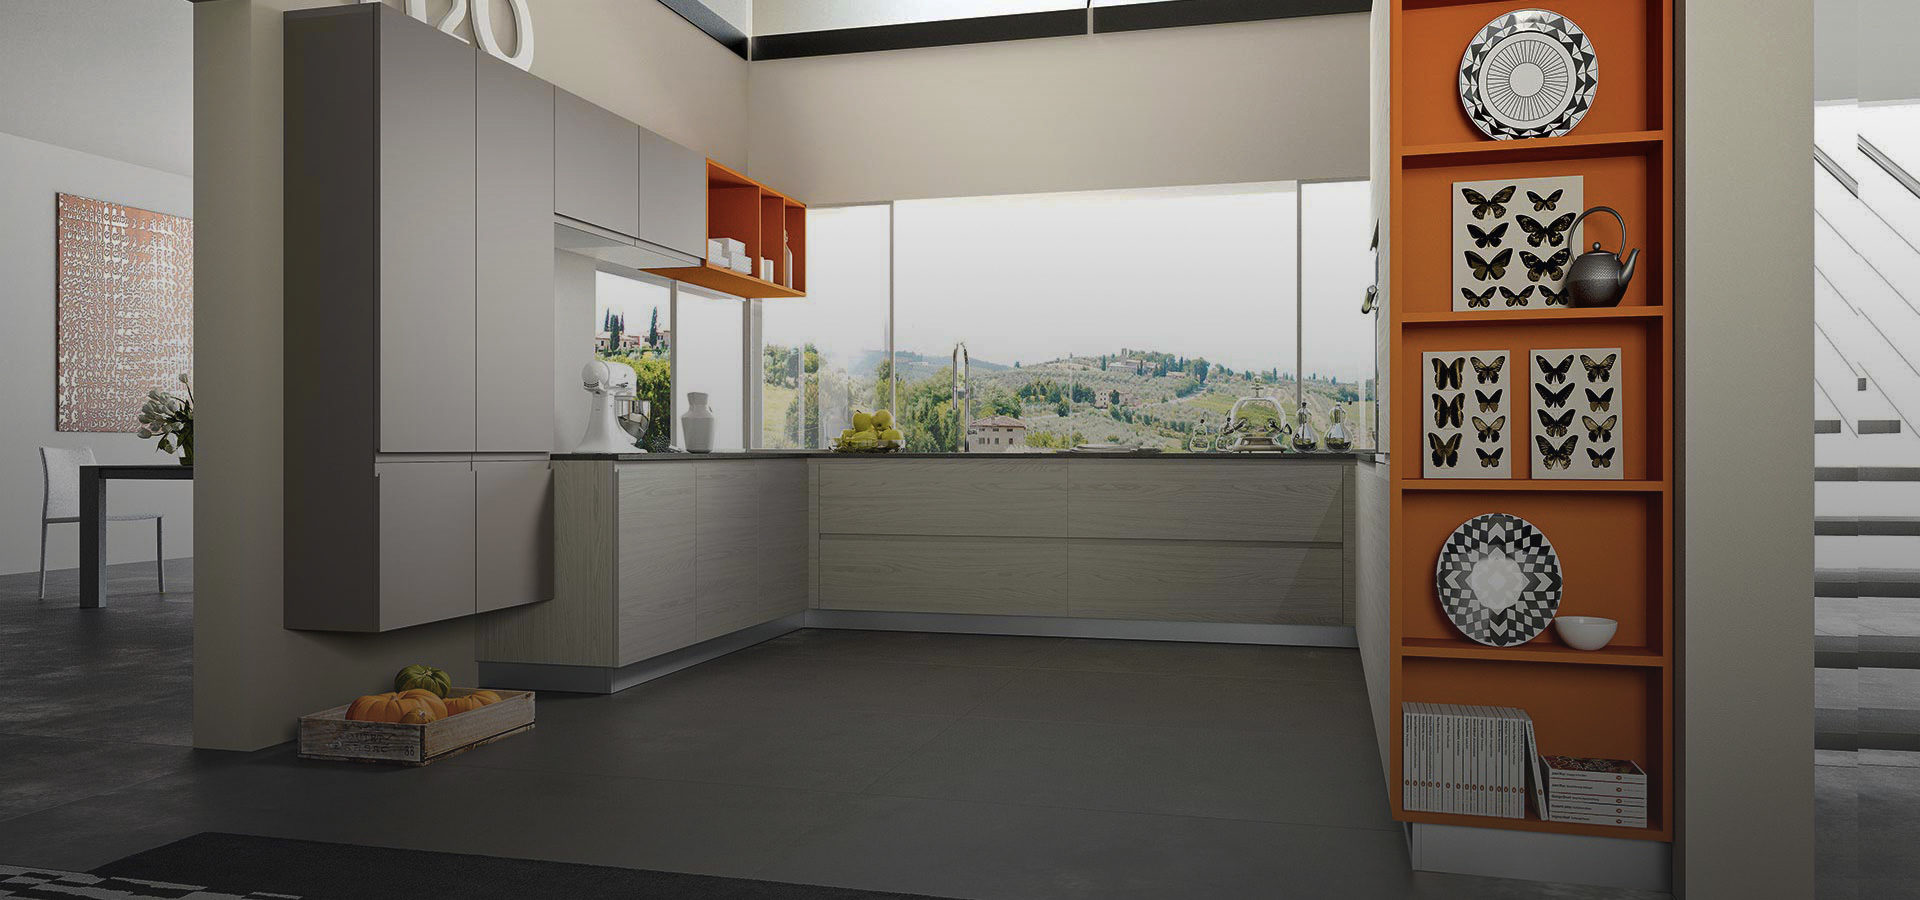 Visma Arredo OUTLET: occasioni su cucine e mobili per la casa in ...